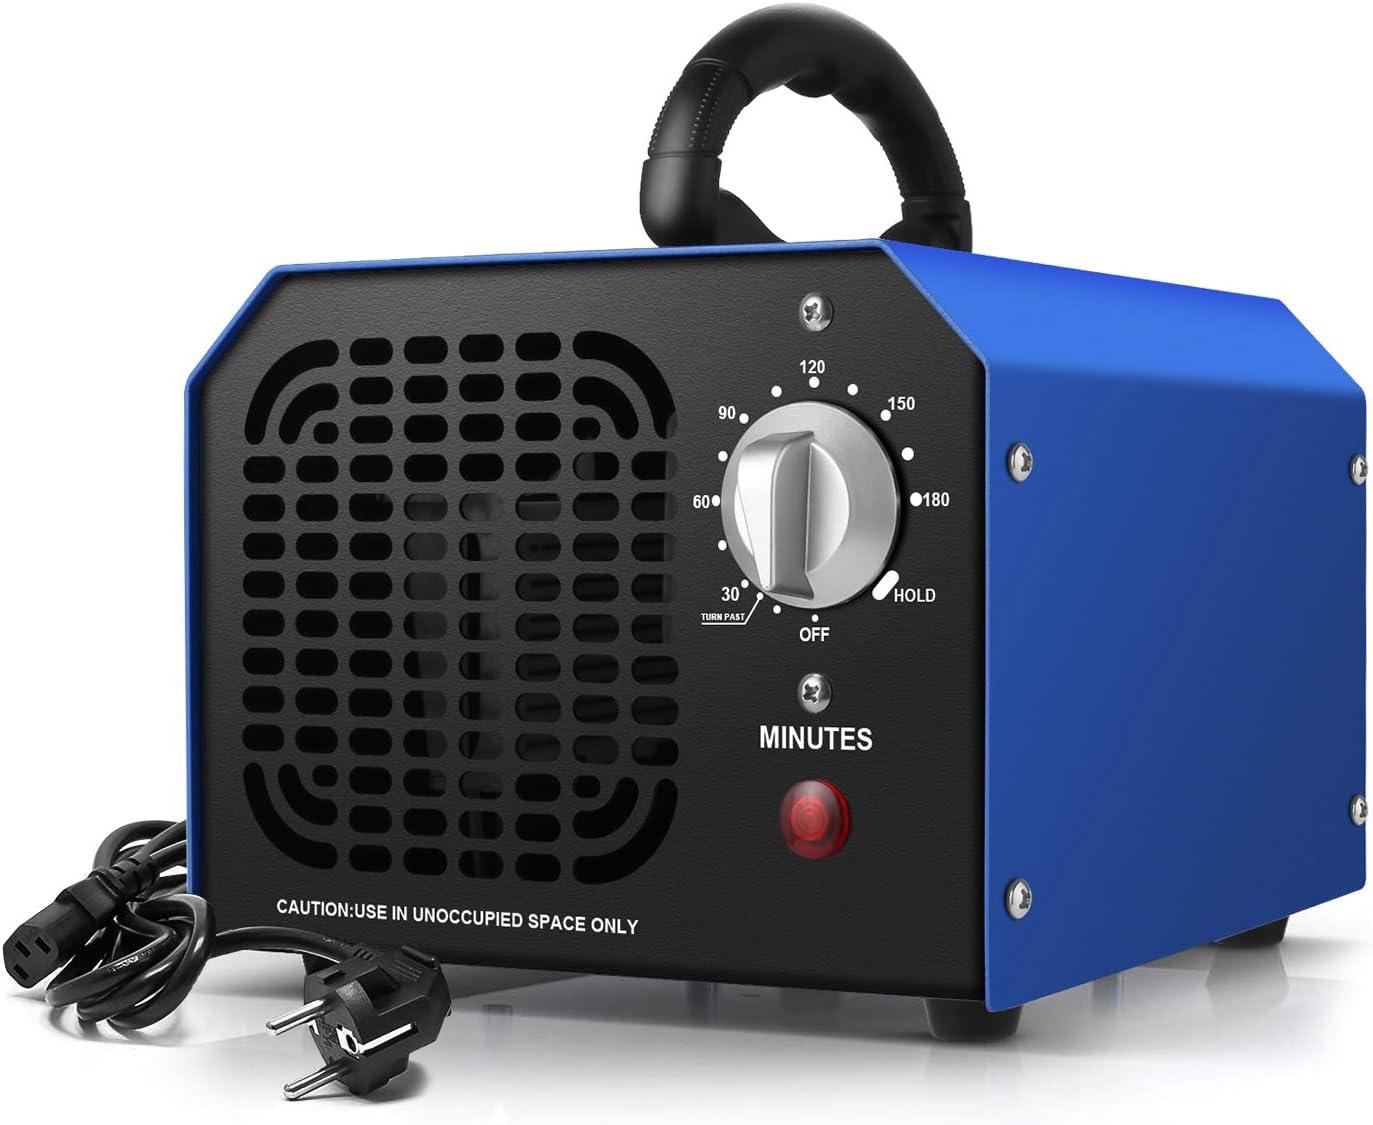 Generador de ozono Ozonizador 6000 MG/ h, Purificador de Aire Industrial para Dormitorio, Humo, Automóviles y Mascotas